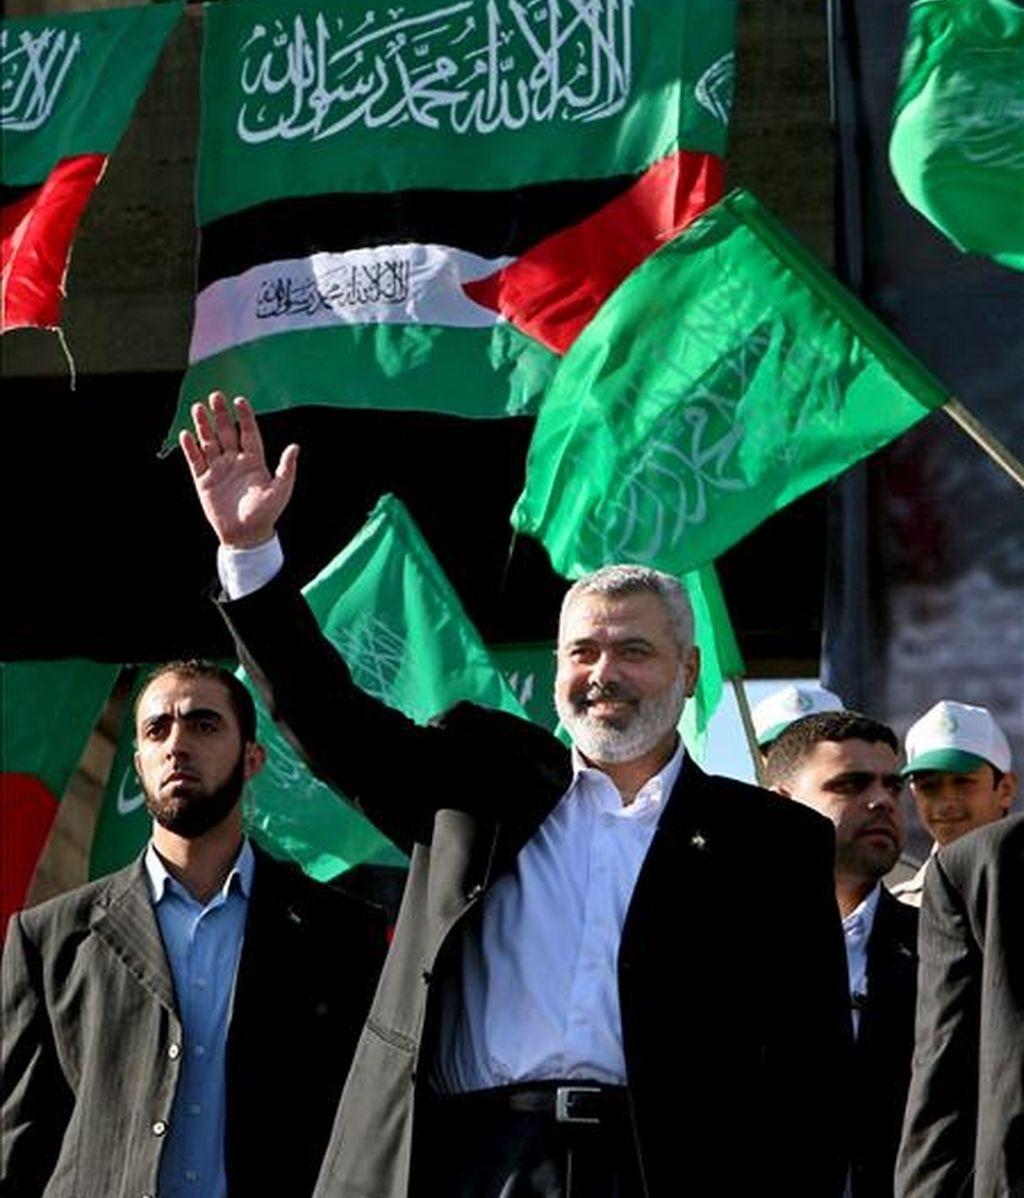 El depuesto primer ministro de facto en Gaza, Ismail Haniye, saluda a los seguidores de Hamás, el pasado 14 de diciembre de 2008, durante las celebraciones del 21º aniversario de Hamás. EFE/Archivo